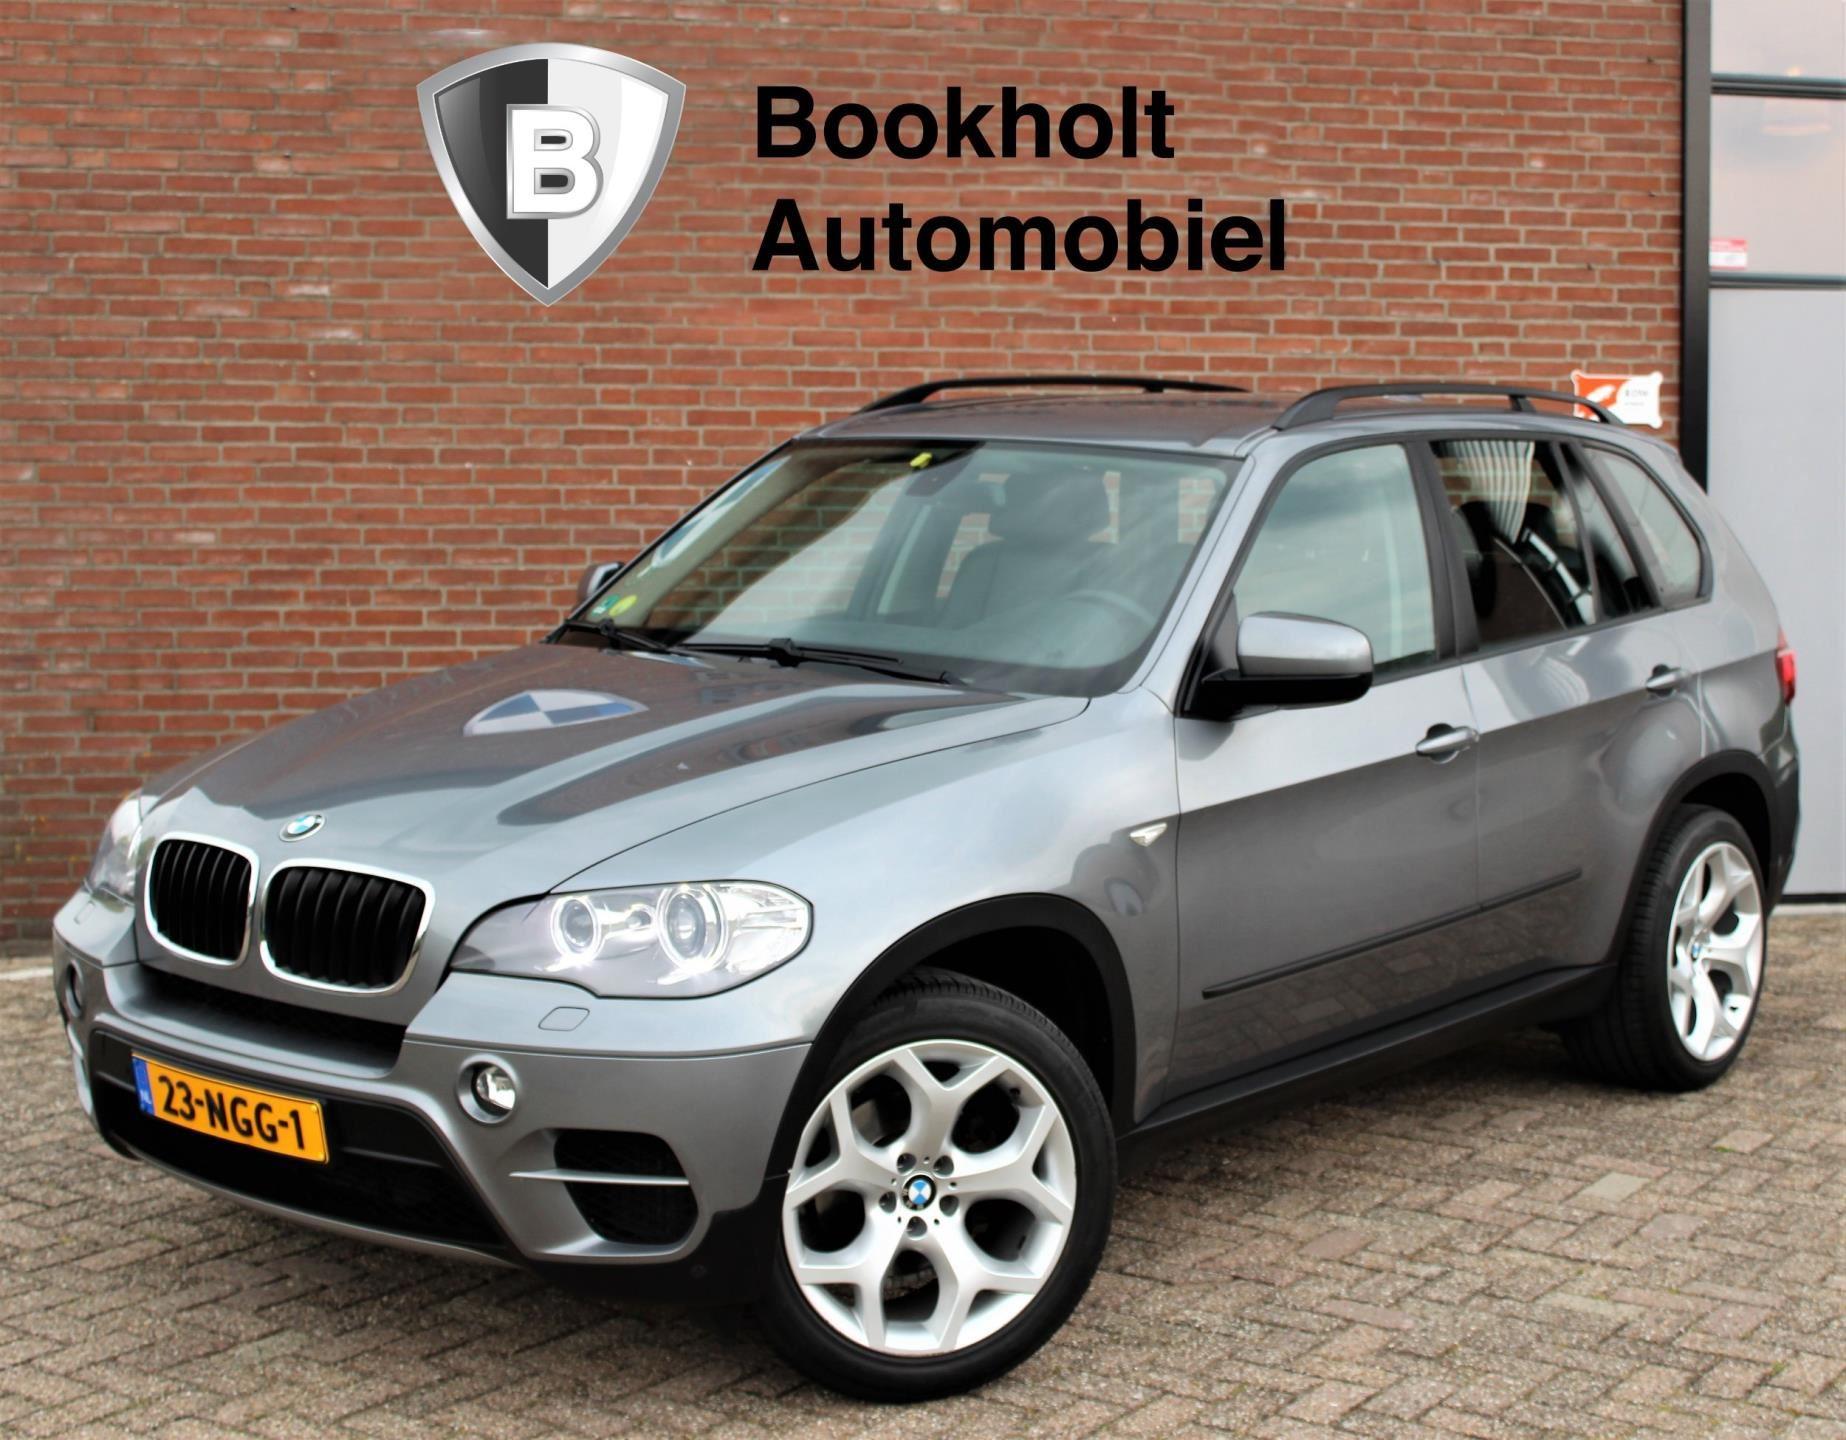 BMW X5 occasion - Bookholt Automobiel